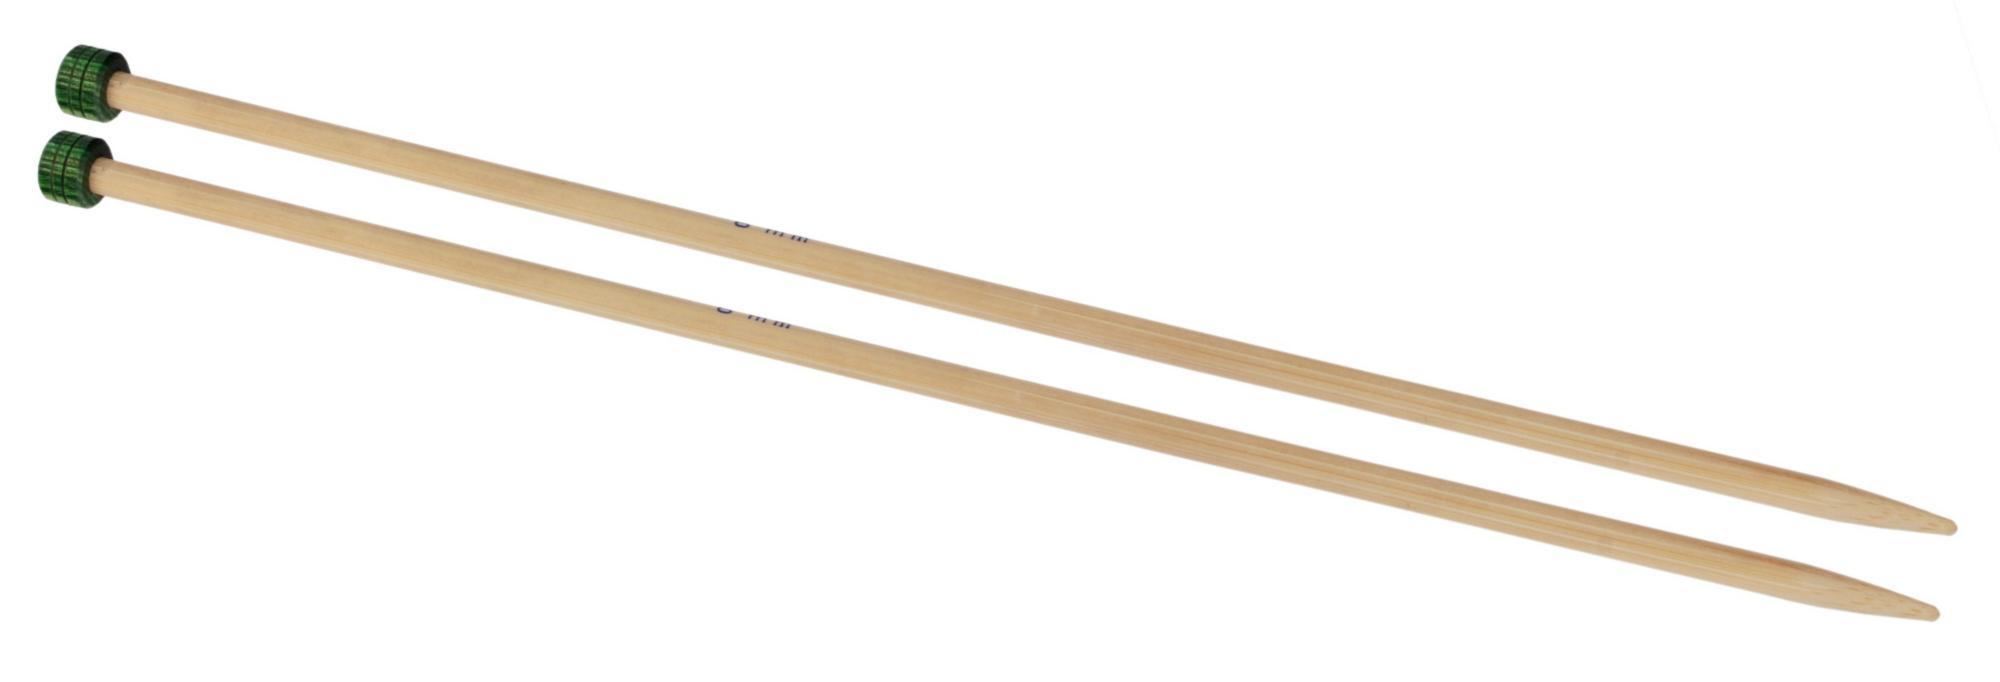 Спицы прямые 25 см Bamboo KnitPro, 22310, 5.50 мм